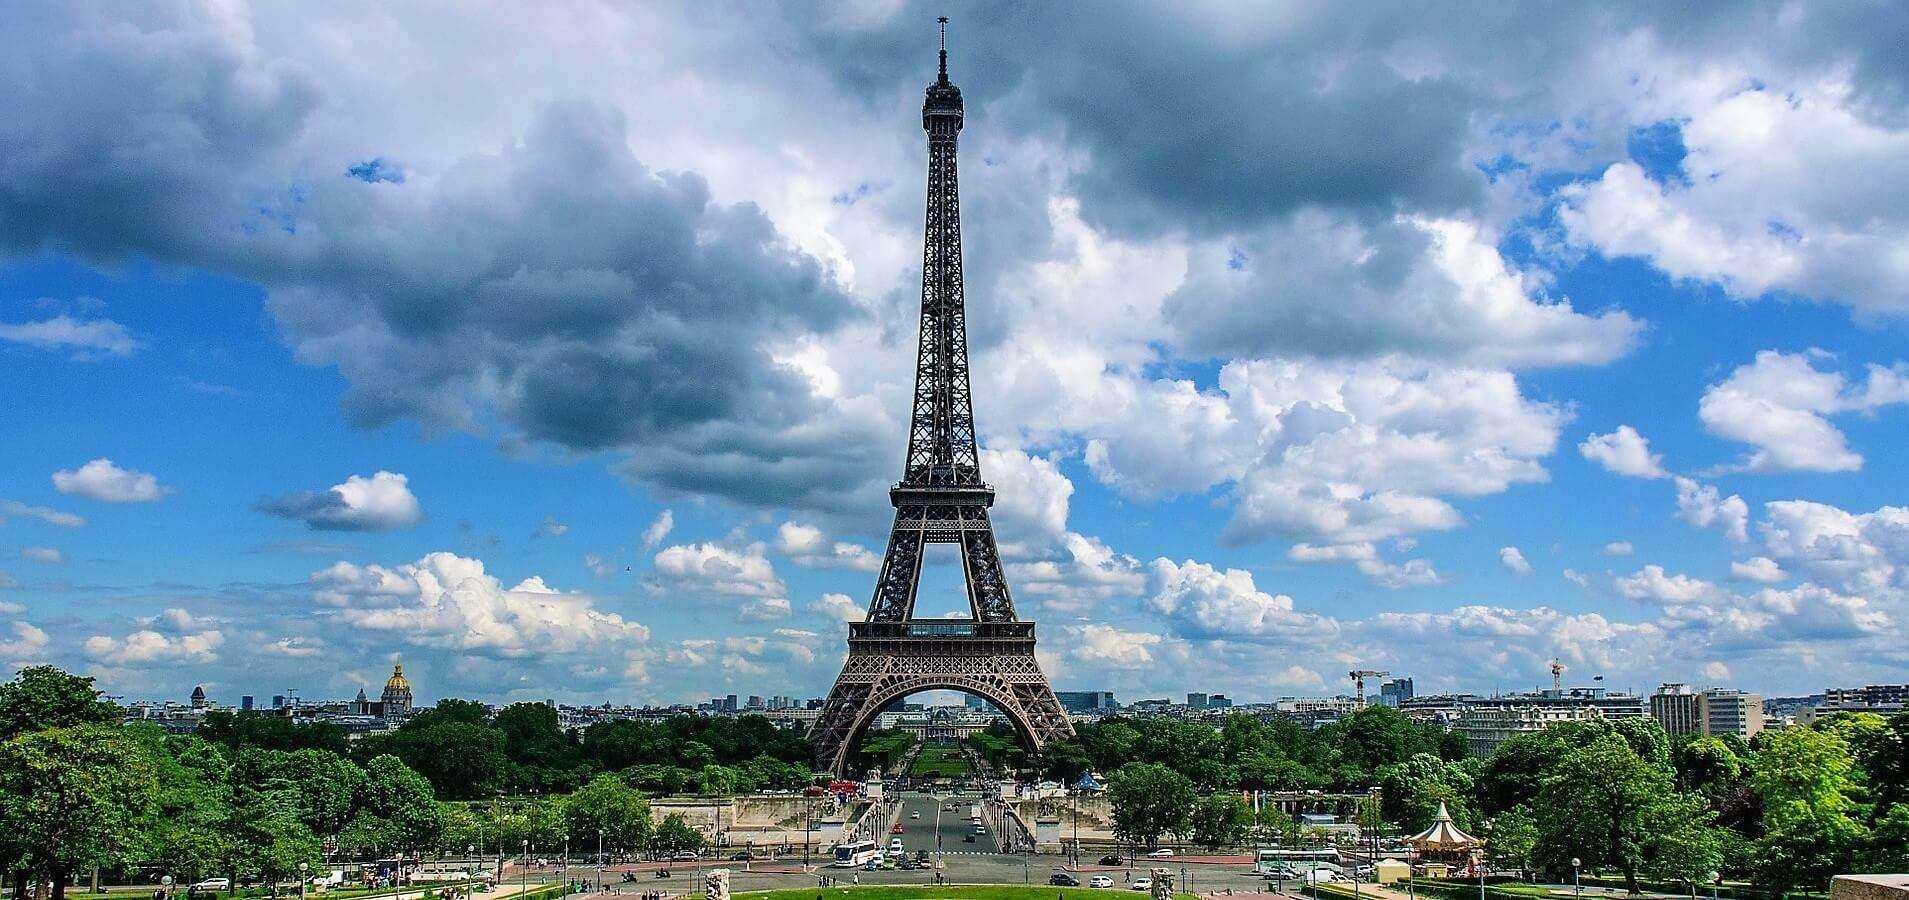 Direktflüge und Billigflüge ab Düsseldorf nach Paris Charles de Gaulle